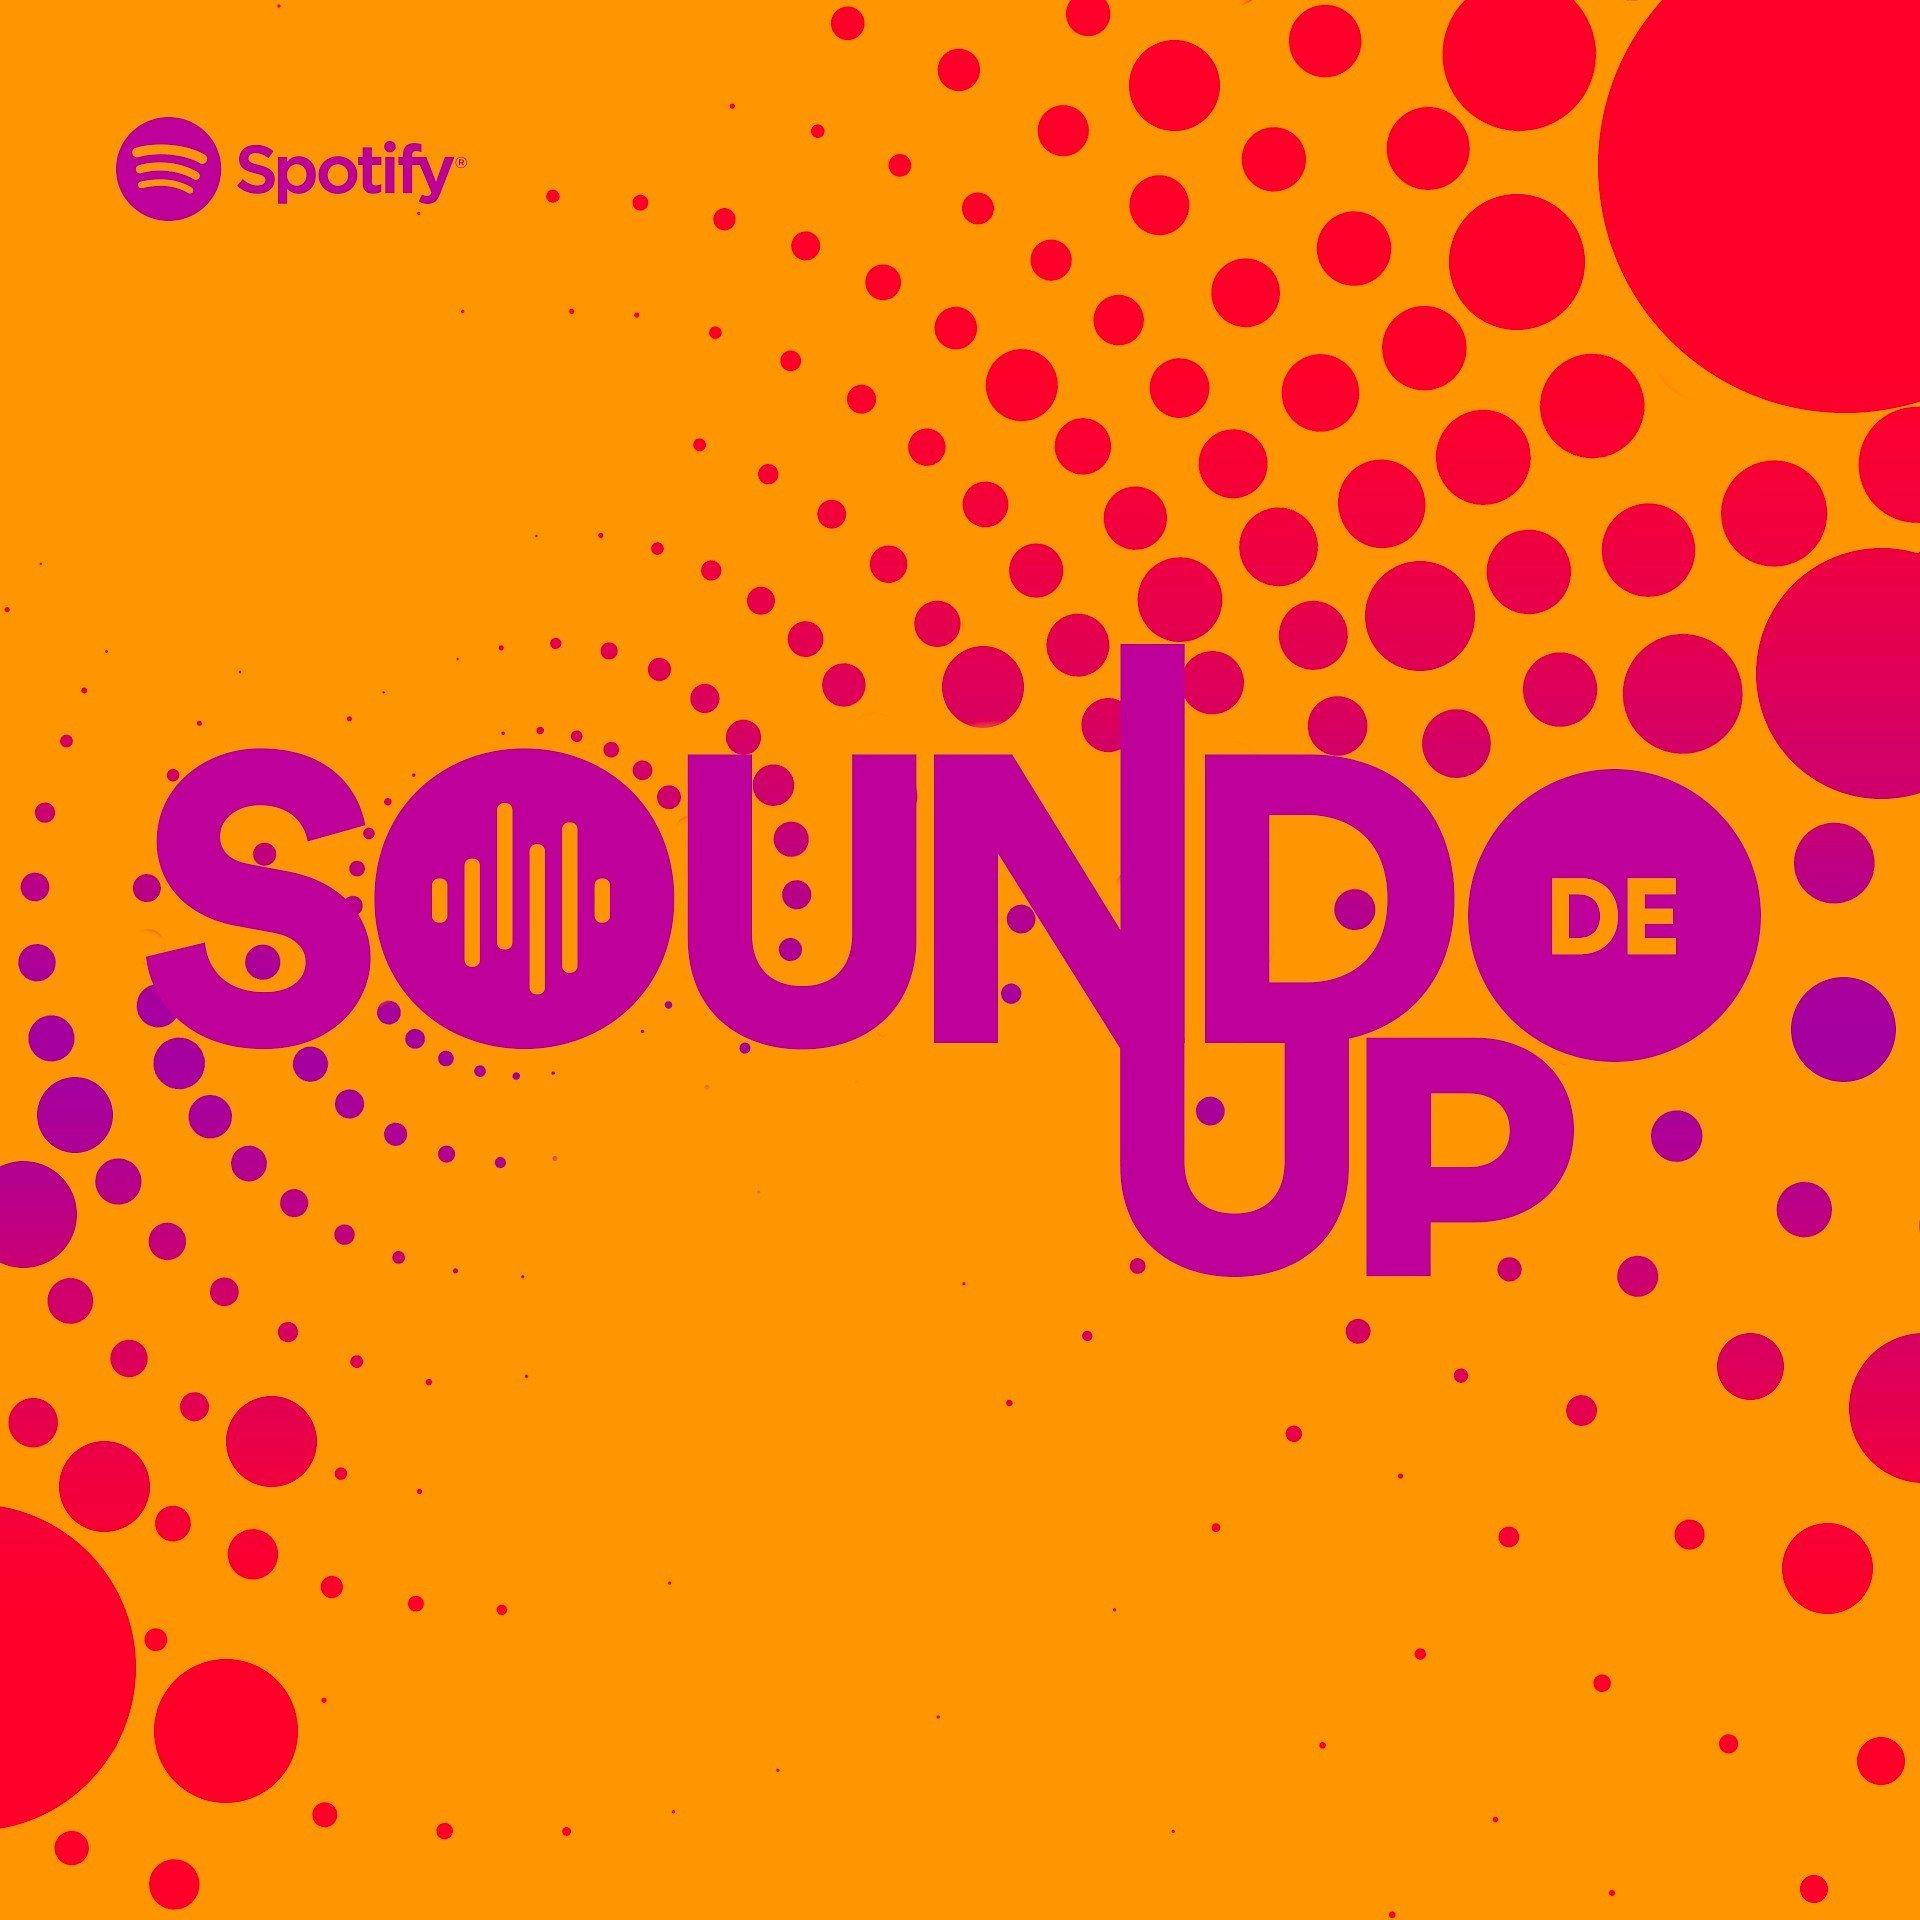 Sound Up geht in die dritte Runde – Spotify unterstützt Diversität in der Podcast-Landschaft